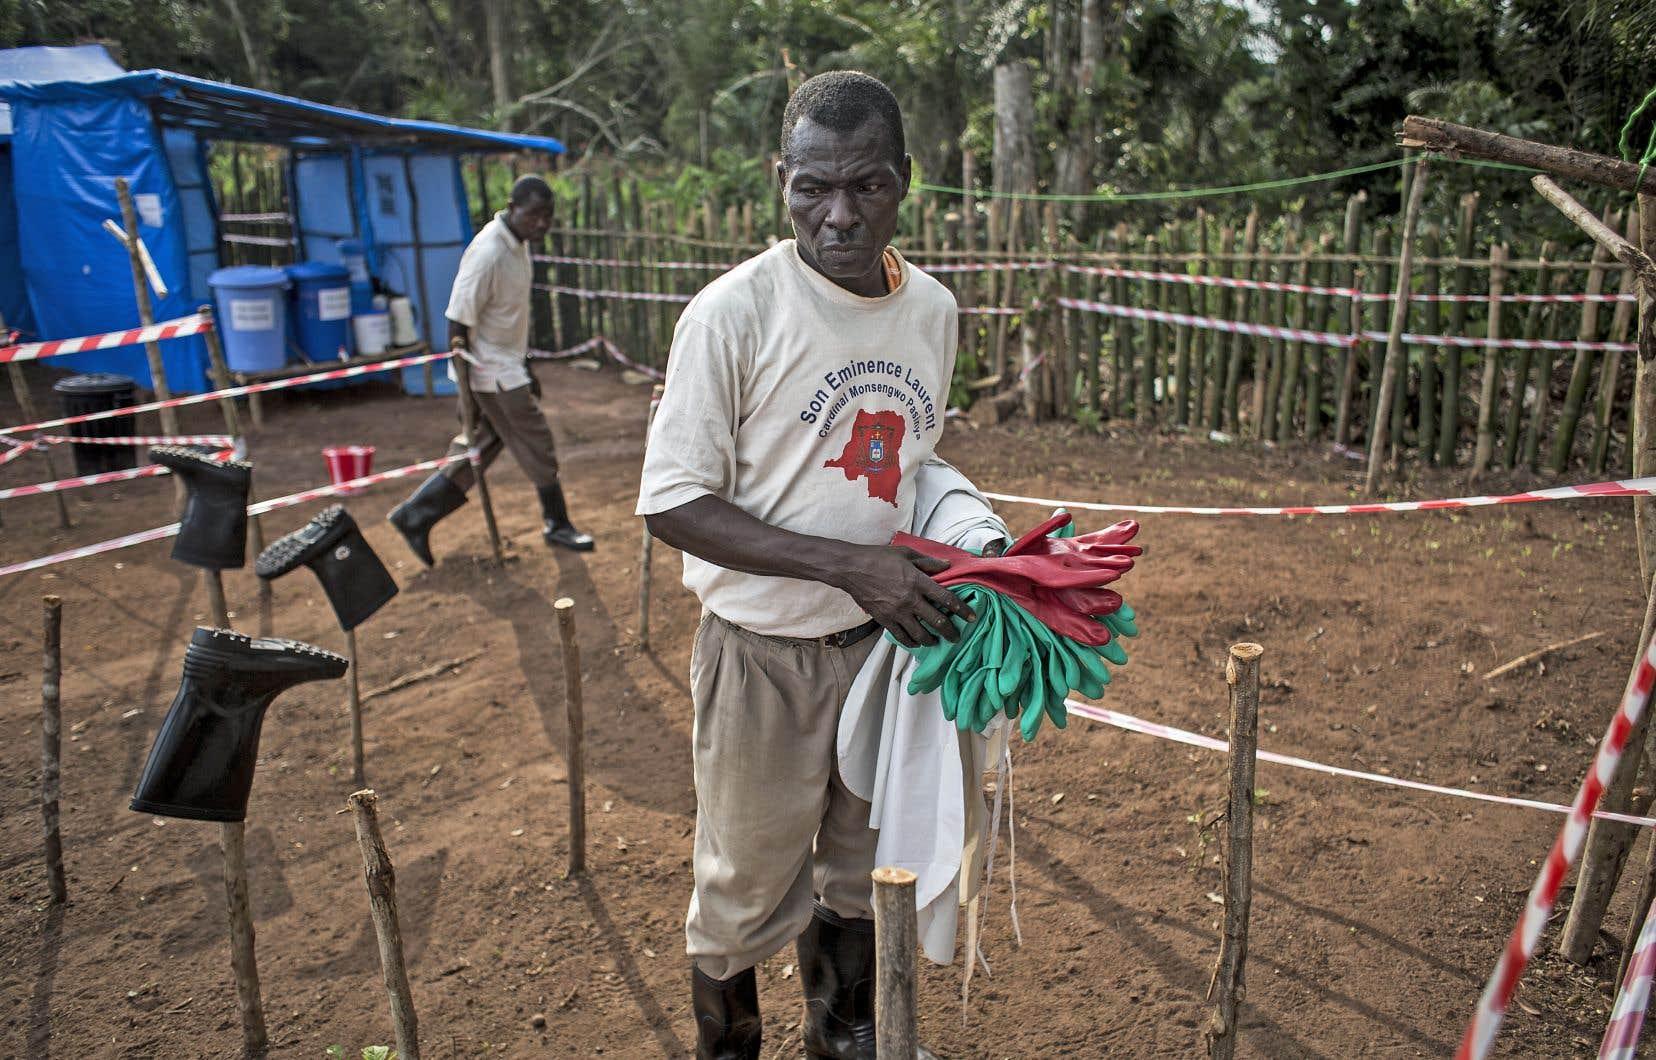 Les travailleurs humanitaires vont devoir surmonter d'autres difficultés pour venir en aide aux populations affectées.